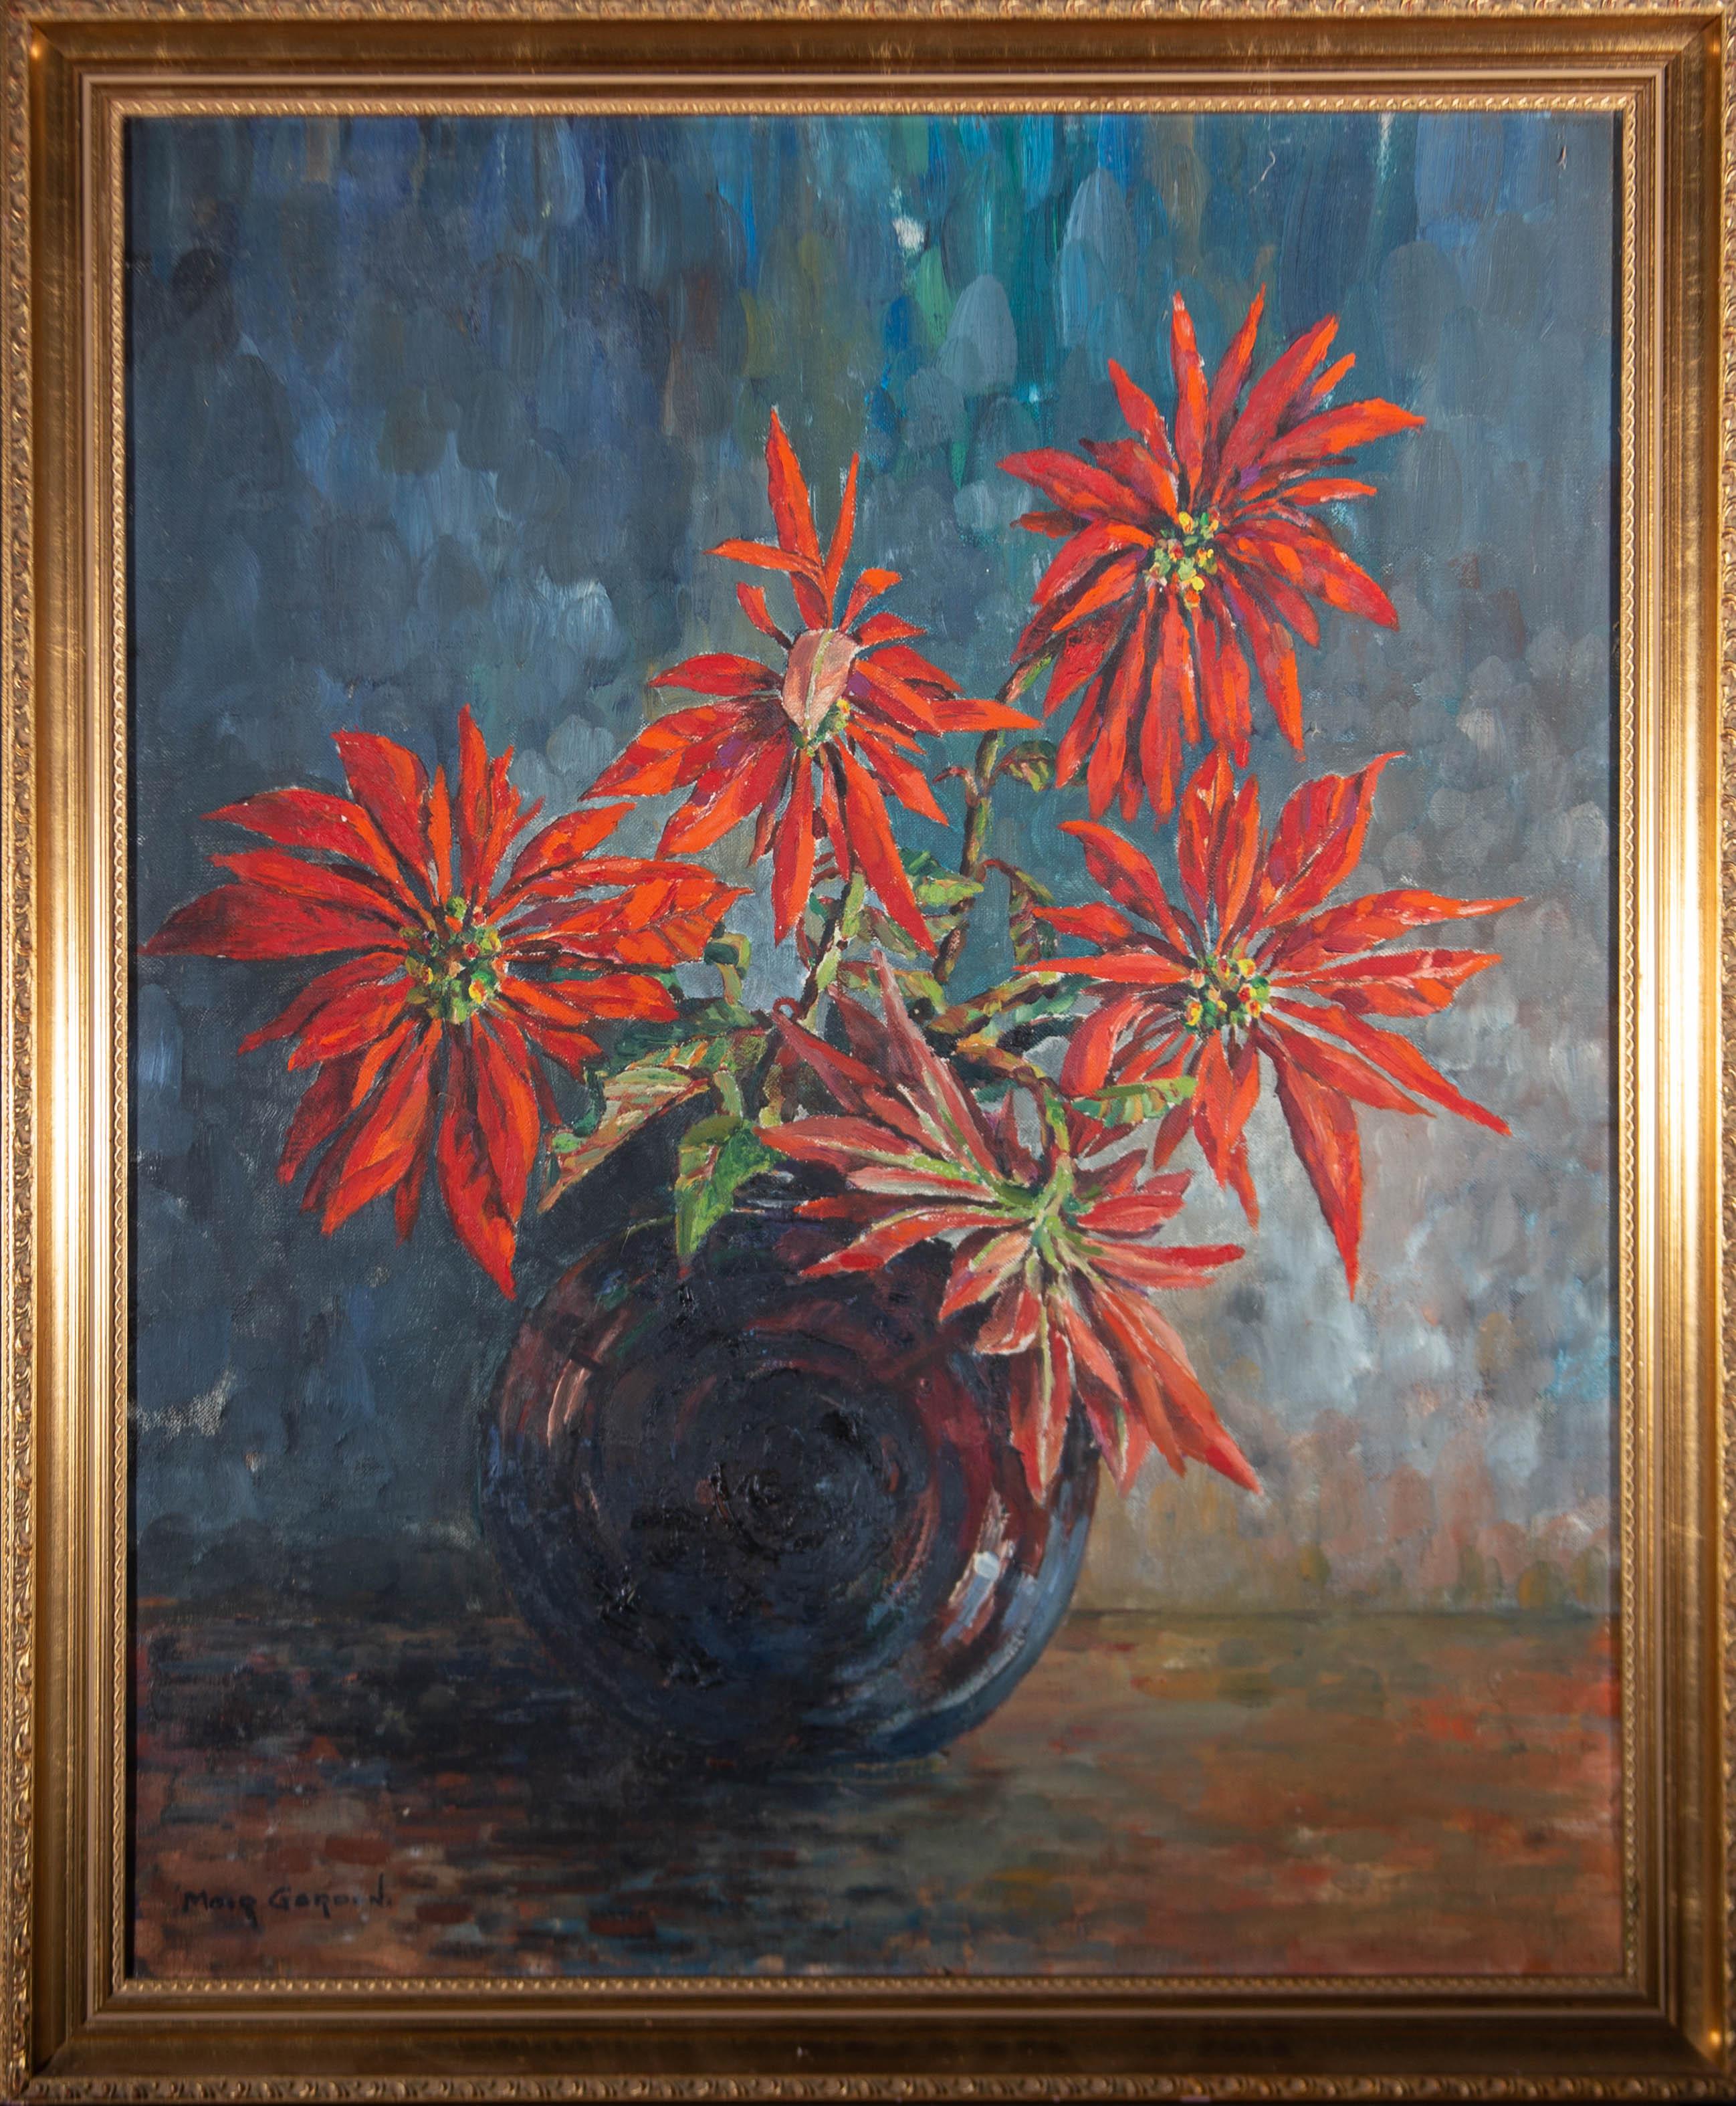 Moir Gardon - Contemporary Oil, Vibrant Poinsettia